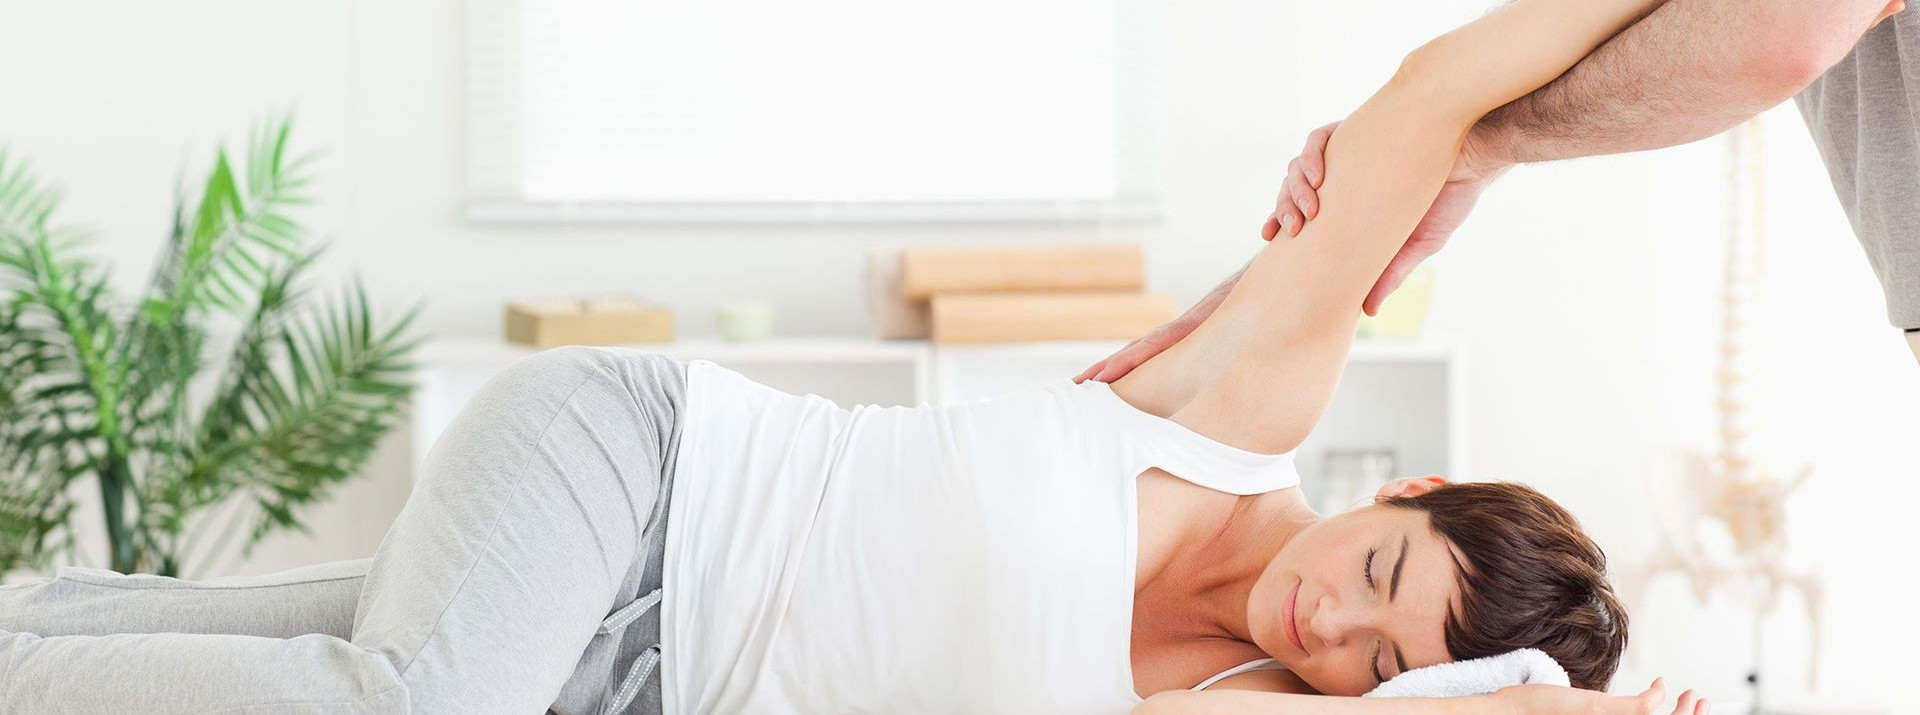 Services complets de réadaptation physique